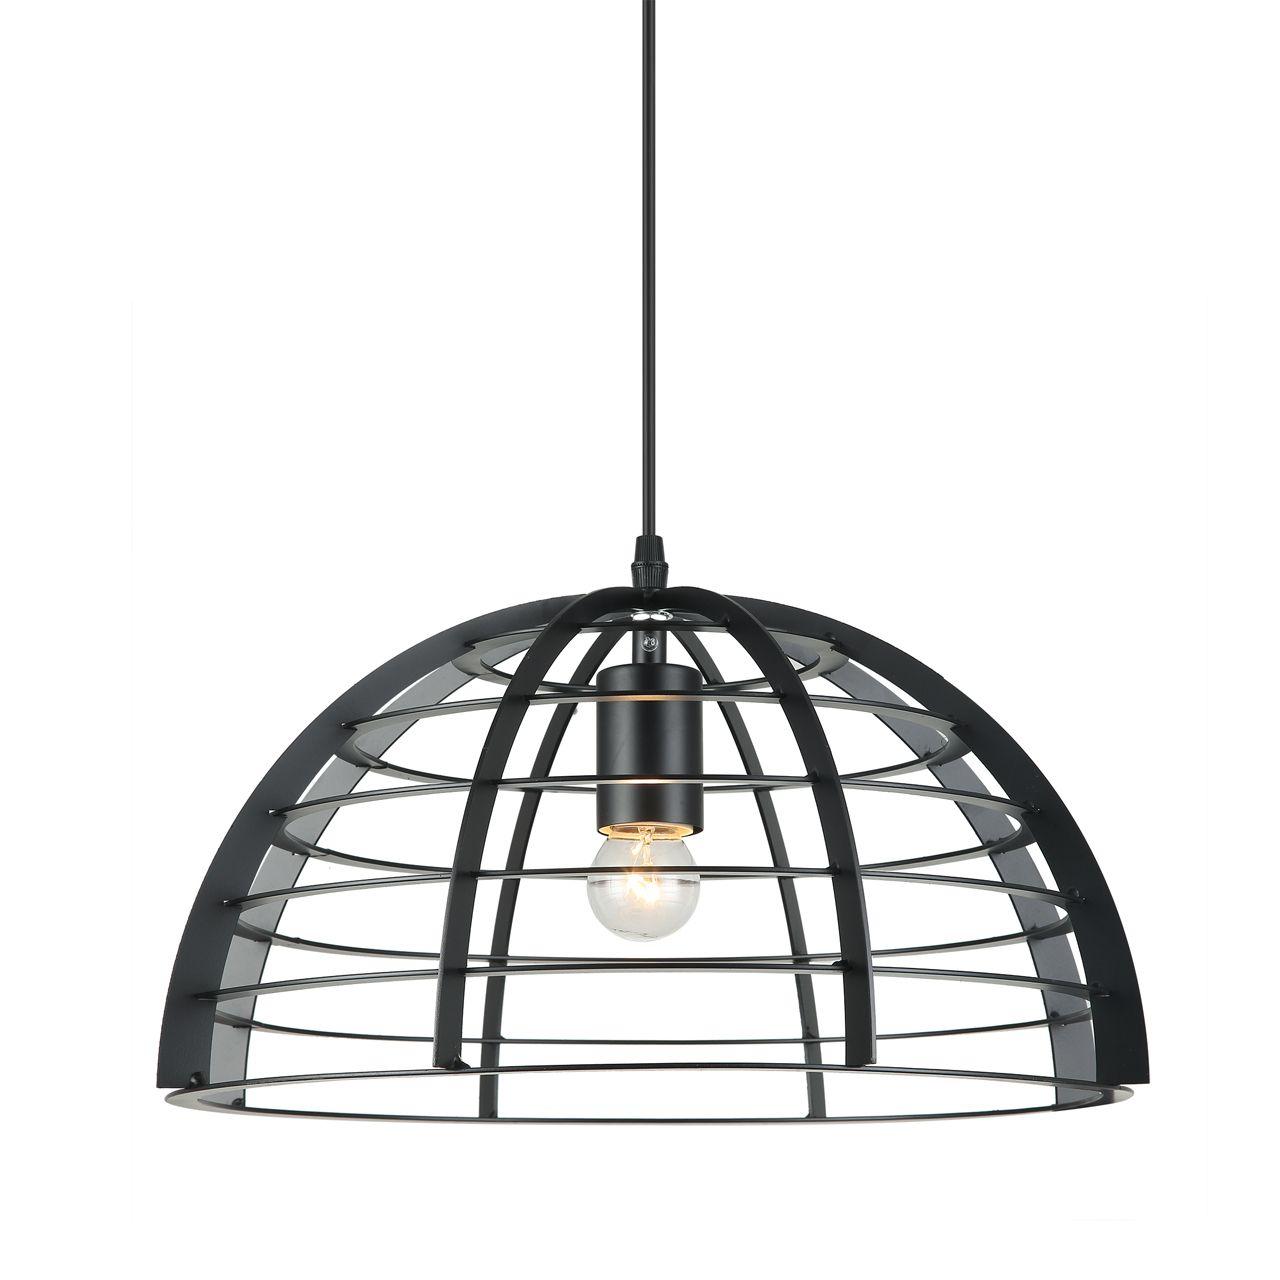 Hanglamp zwart scandinavisch design Neptunus 5519.01